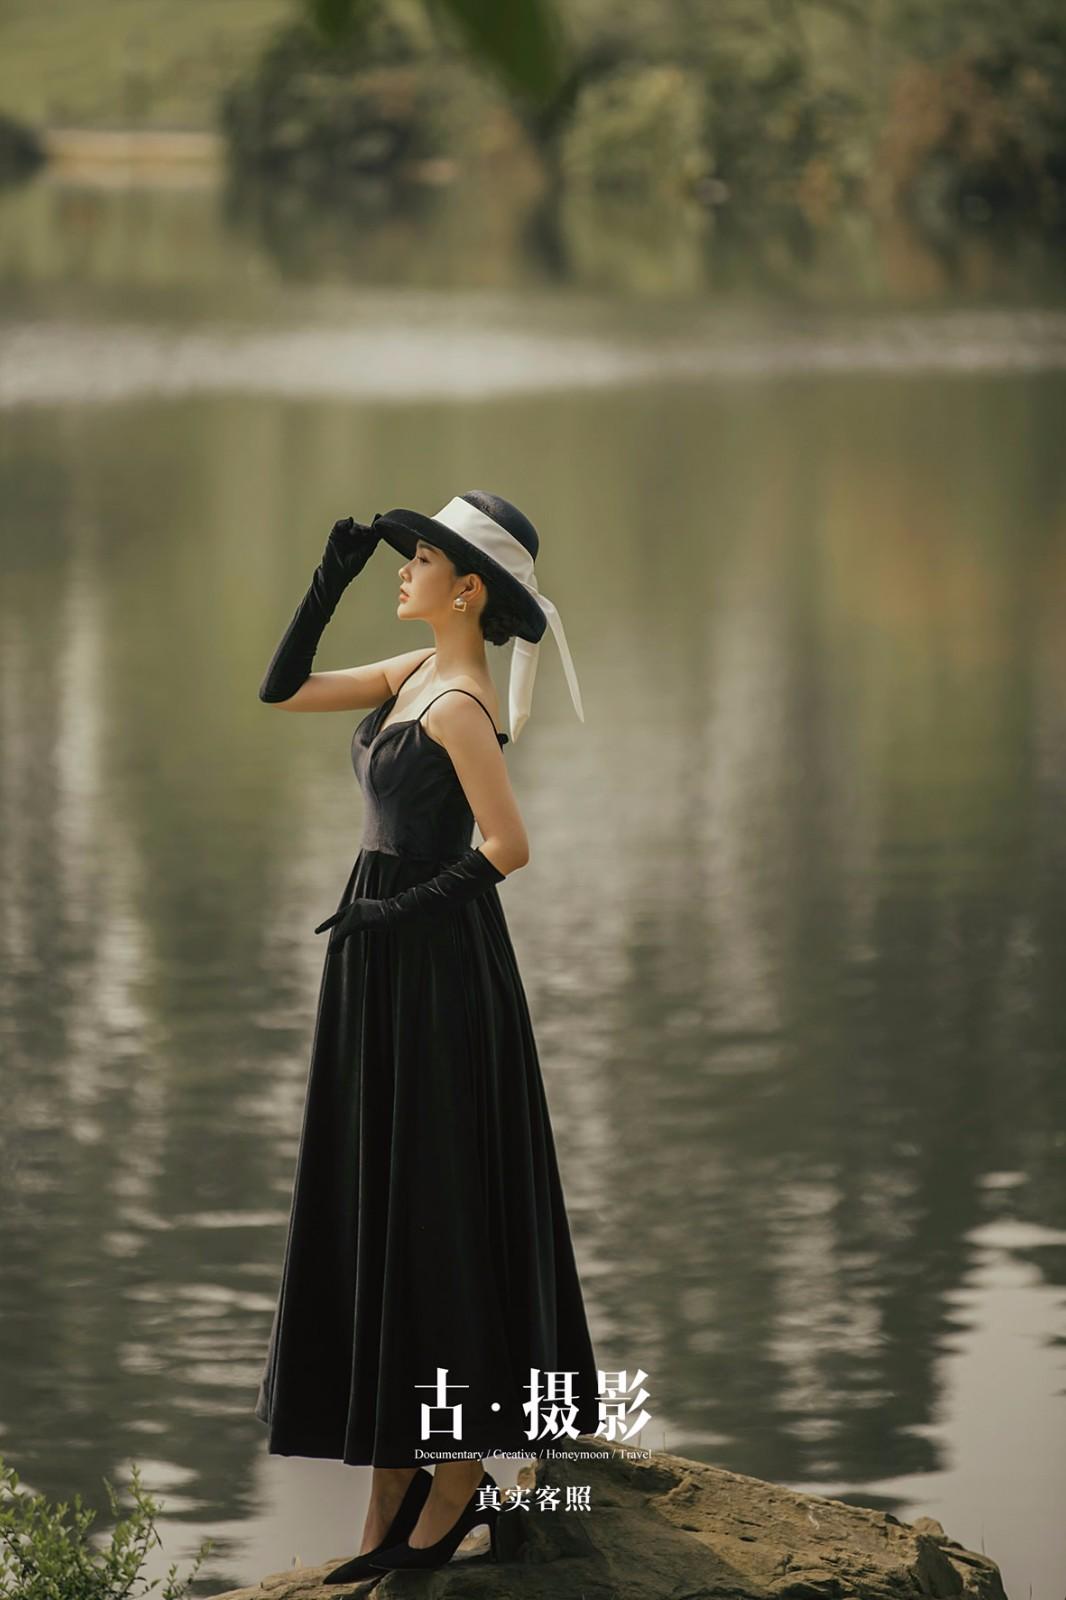 顾先生 沈小姐 - 每日客照 - 古摄影婚纱艺术-古摄影成都婚纱摄影艺术摄影网